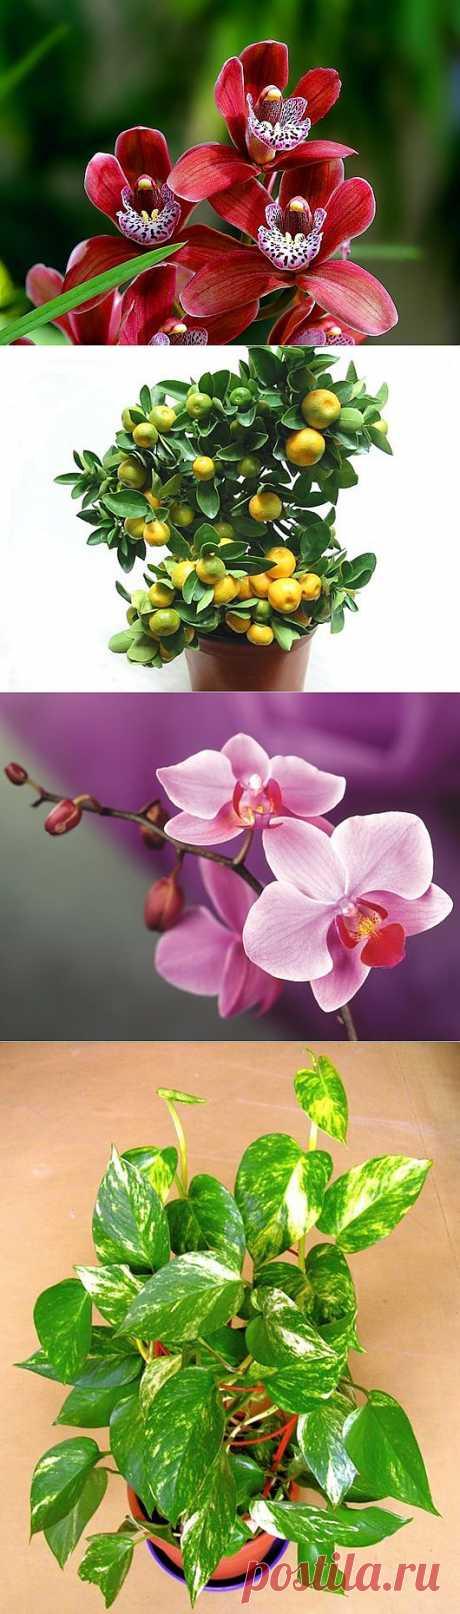 Какие комнатные растения полезно выращивать